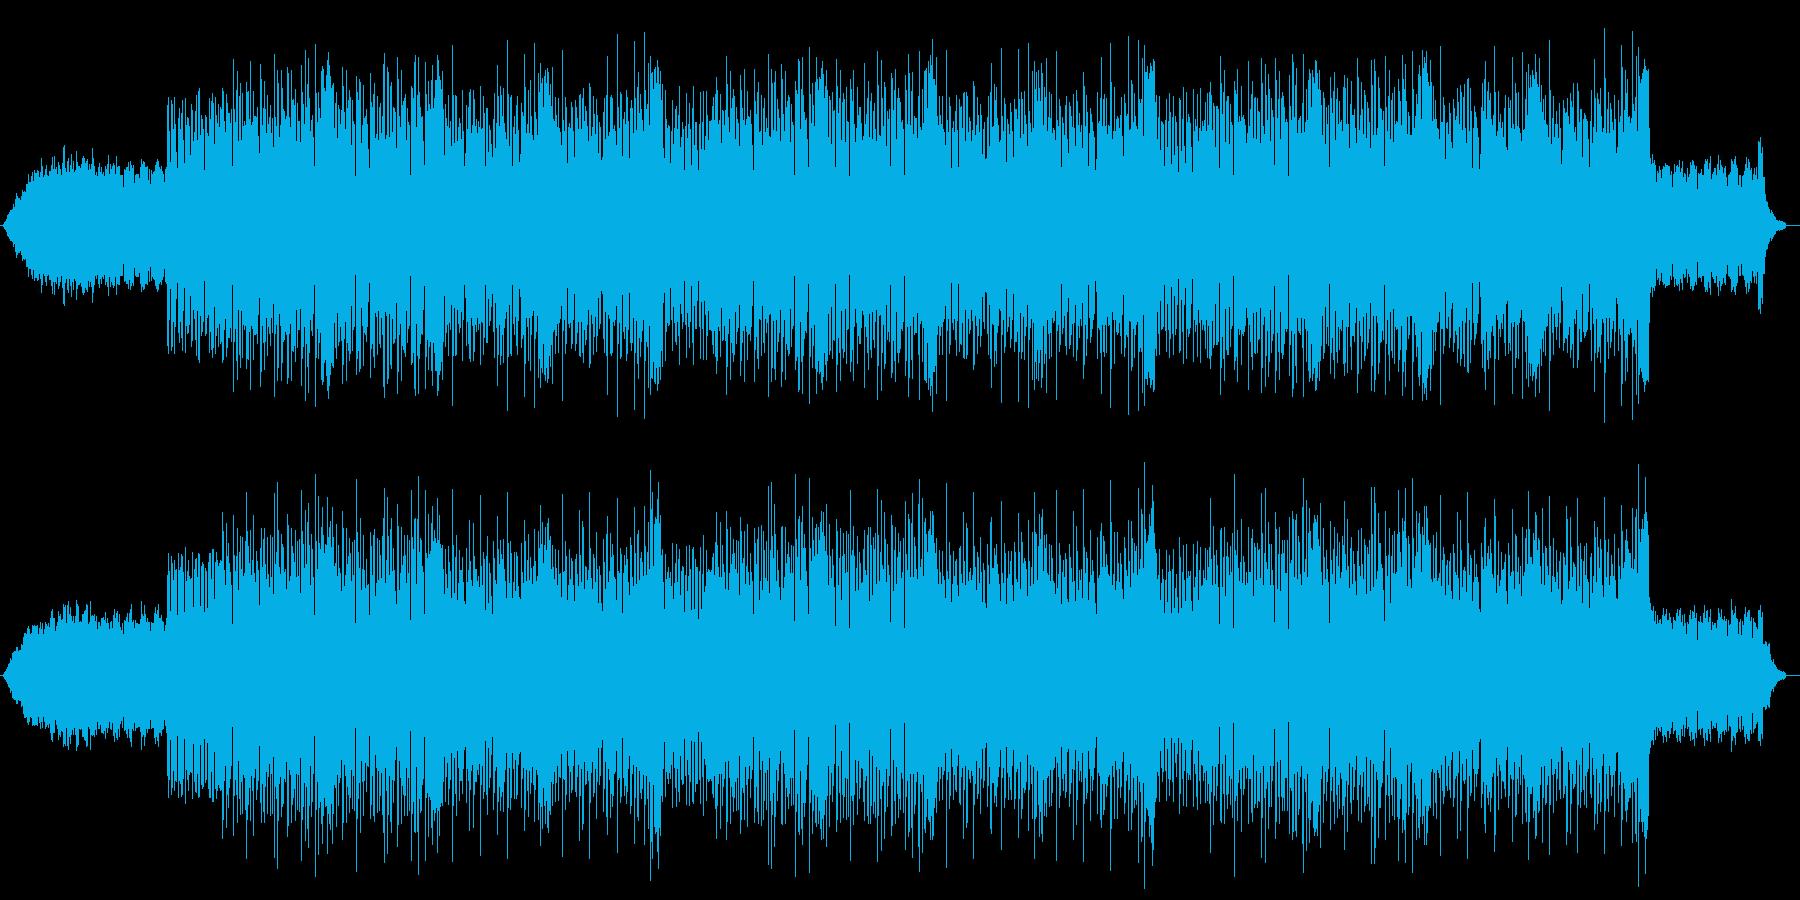 インド、または東洋の軽快な雰囲気の曲の再生済みの波形